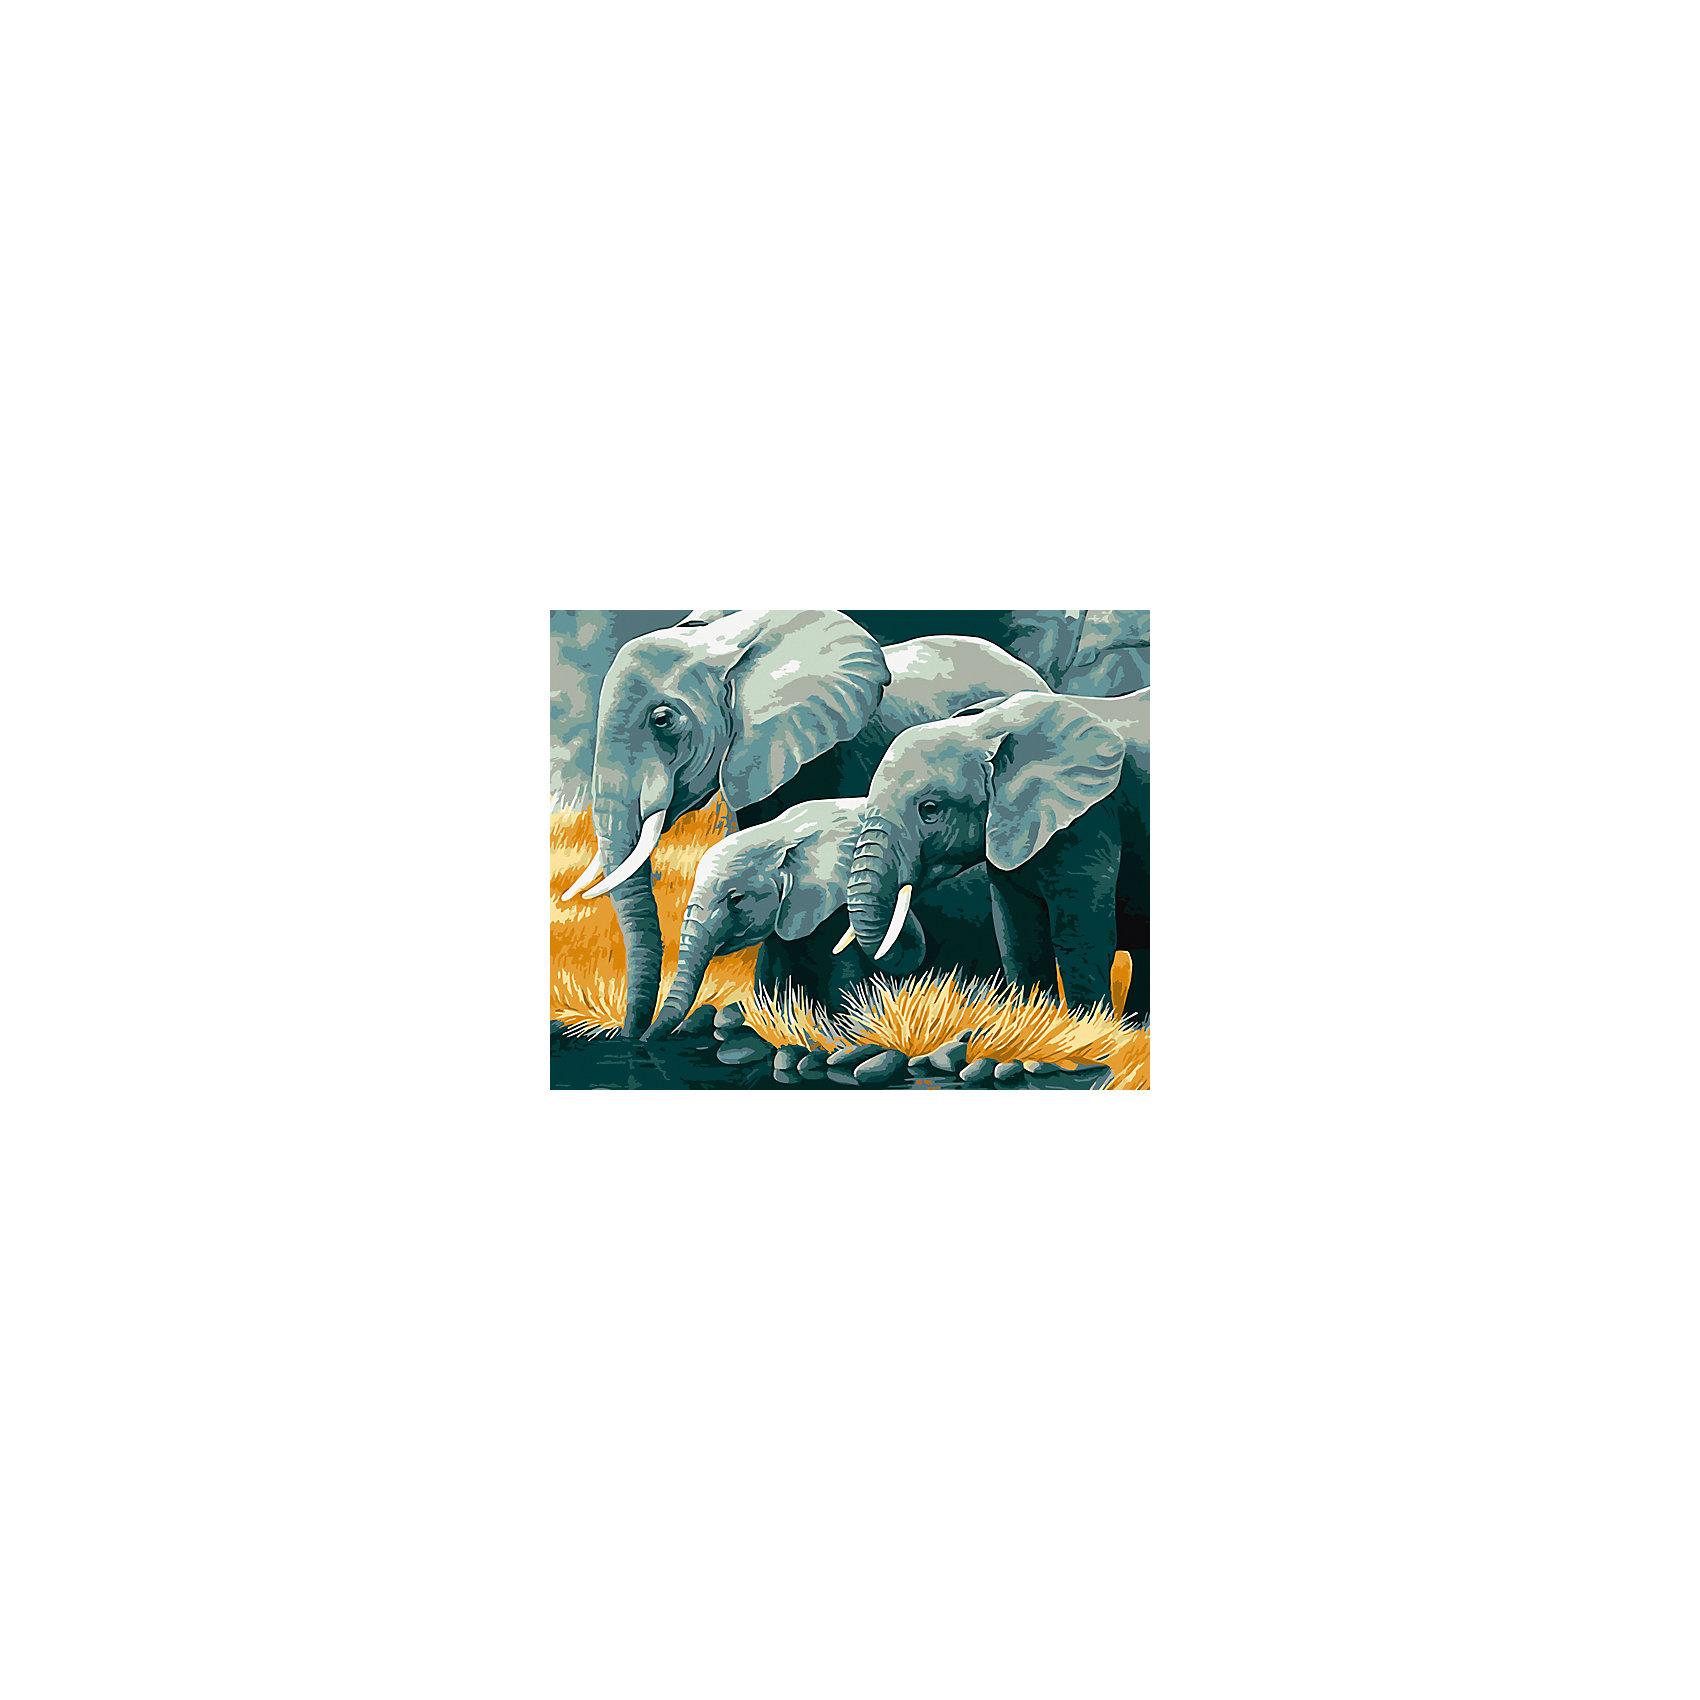 Холст с красками по номерам Слоны на водопое 40х50 смзамечательные наборы для создания уникального шедевра изобразительного искусства. Создание картин на специально подготовленной рабочей поверхности – это уникальная техника, позволяющая делать Ваши шедевры более яркими и реалистичными. Просто нанесите мазки на уже готовый эскиз и оживите картину! Готовые изделия могут стать украшением интерьера или прекрасным подарком близким и друзьям.<br><br>Ширина мм: 510<br>Глубина мм: 410<br>Высота мм: 25<br>Вес г: 1800<br>Возраст от месяцев: 36<br>Возраст до месяцев: 108<br>Пол: Унисекс<br>Возраст: Детский<br>SKU: 5096787